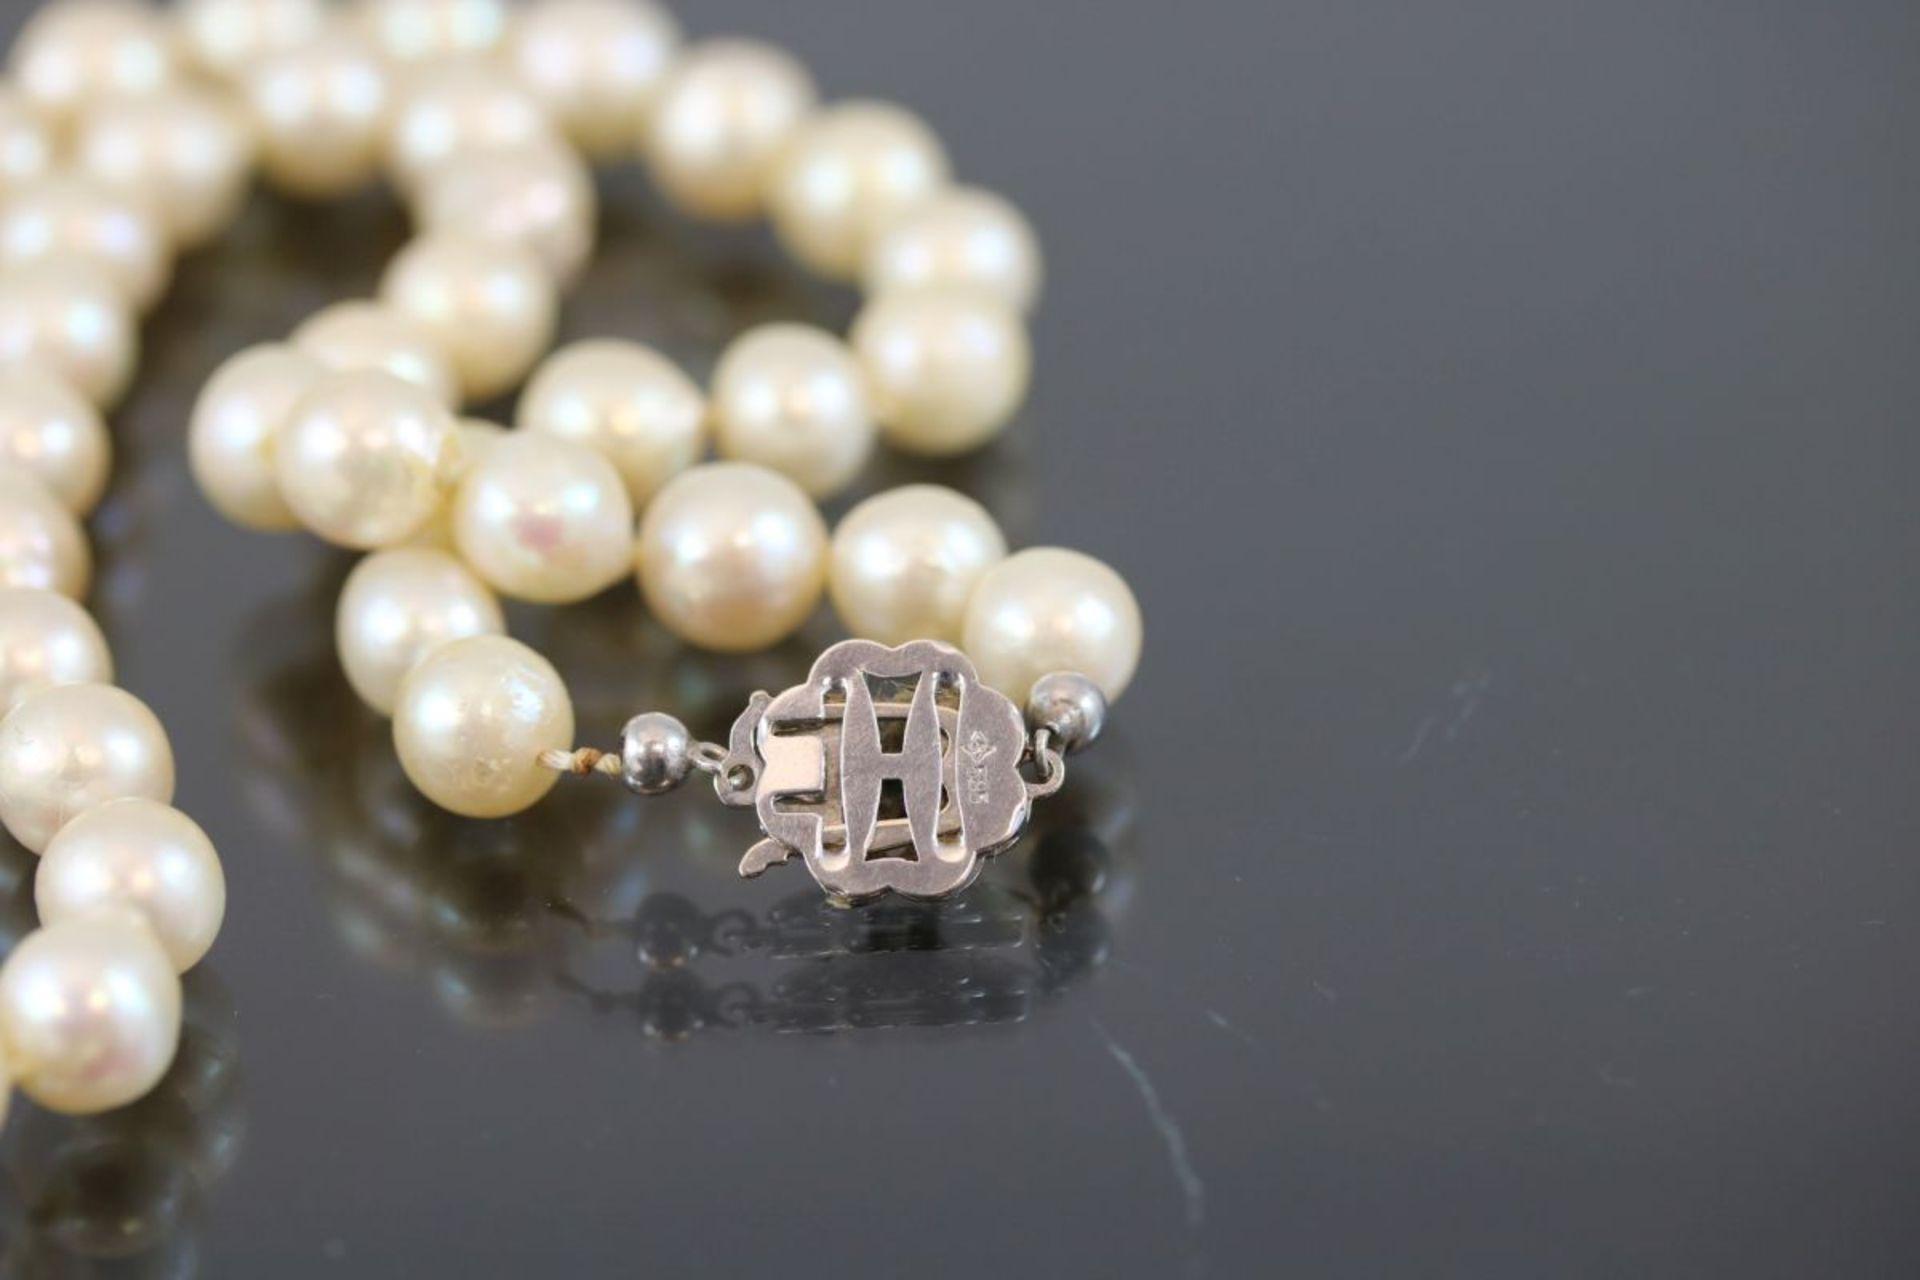 Perlkette, 585 Weißgold48 Gramm Süßwasserperlen, Länge: 45 cm Schätzpreis: 600,- - Bild 3 aus 3